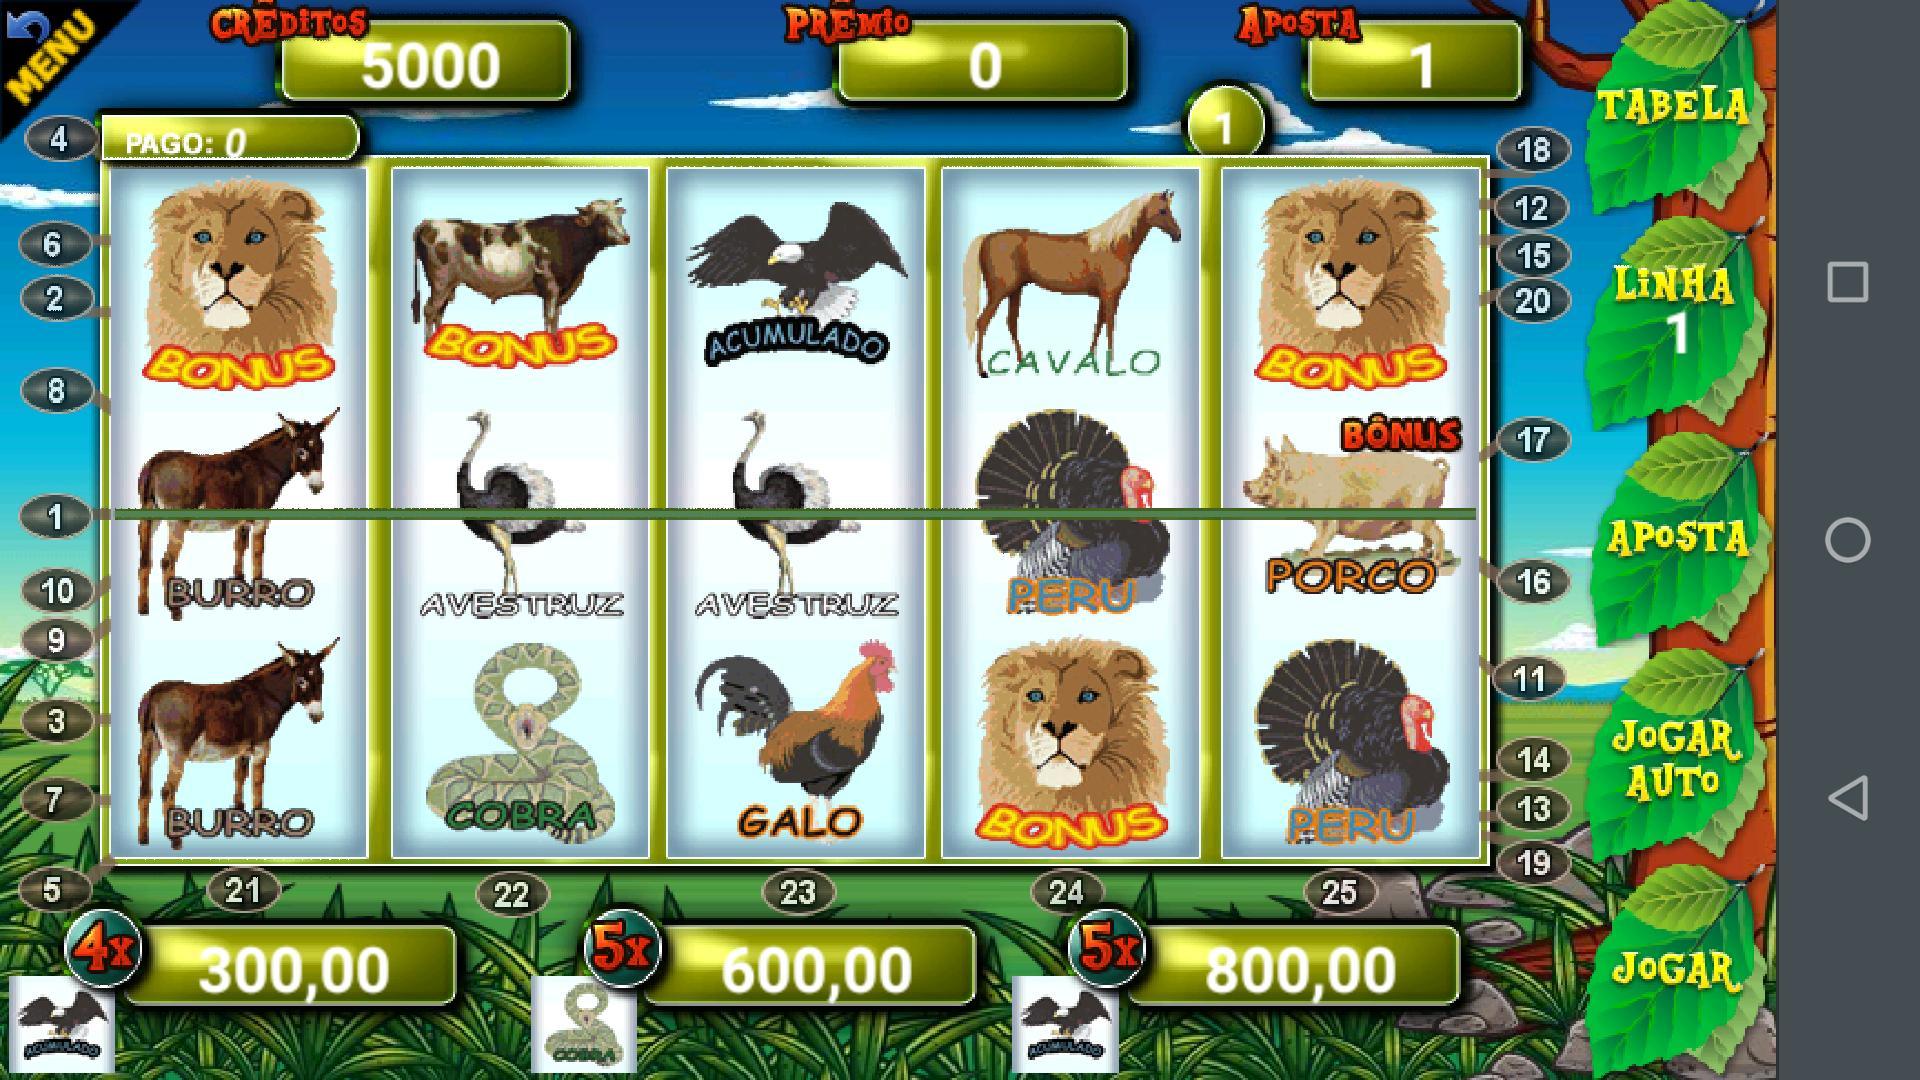 Jogos caça-níquel casinos 17131